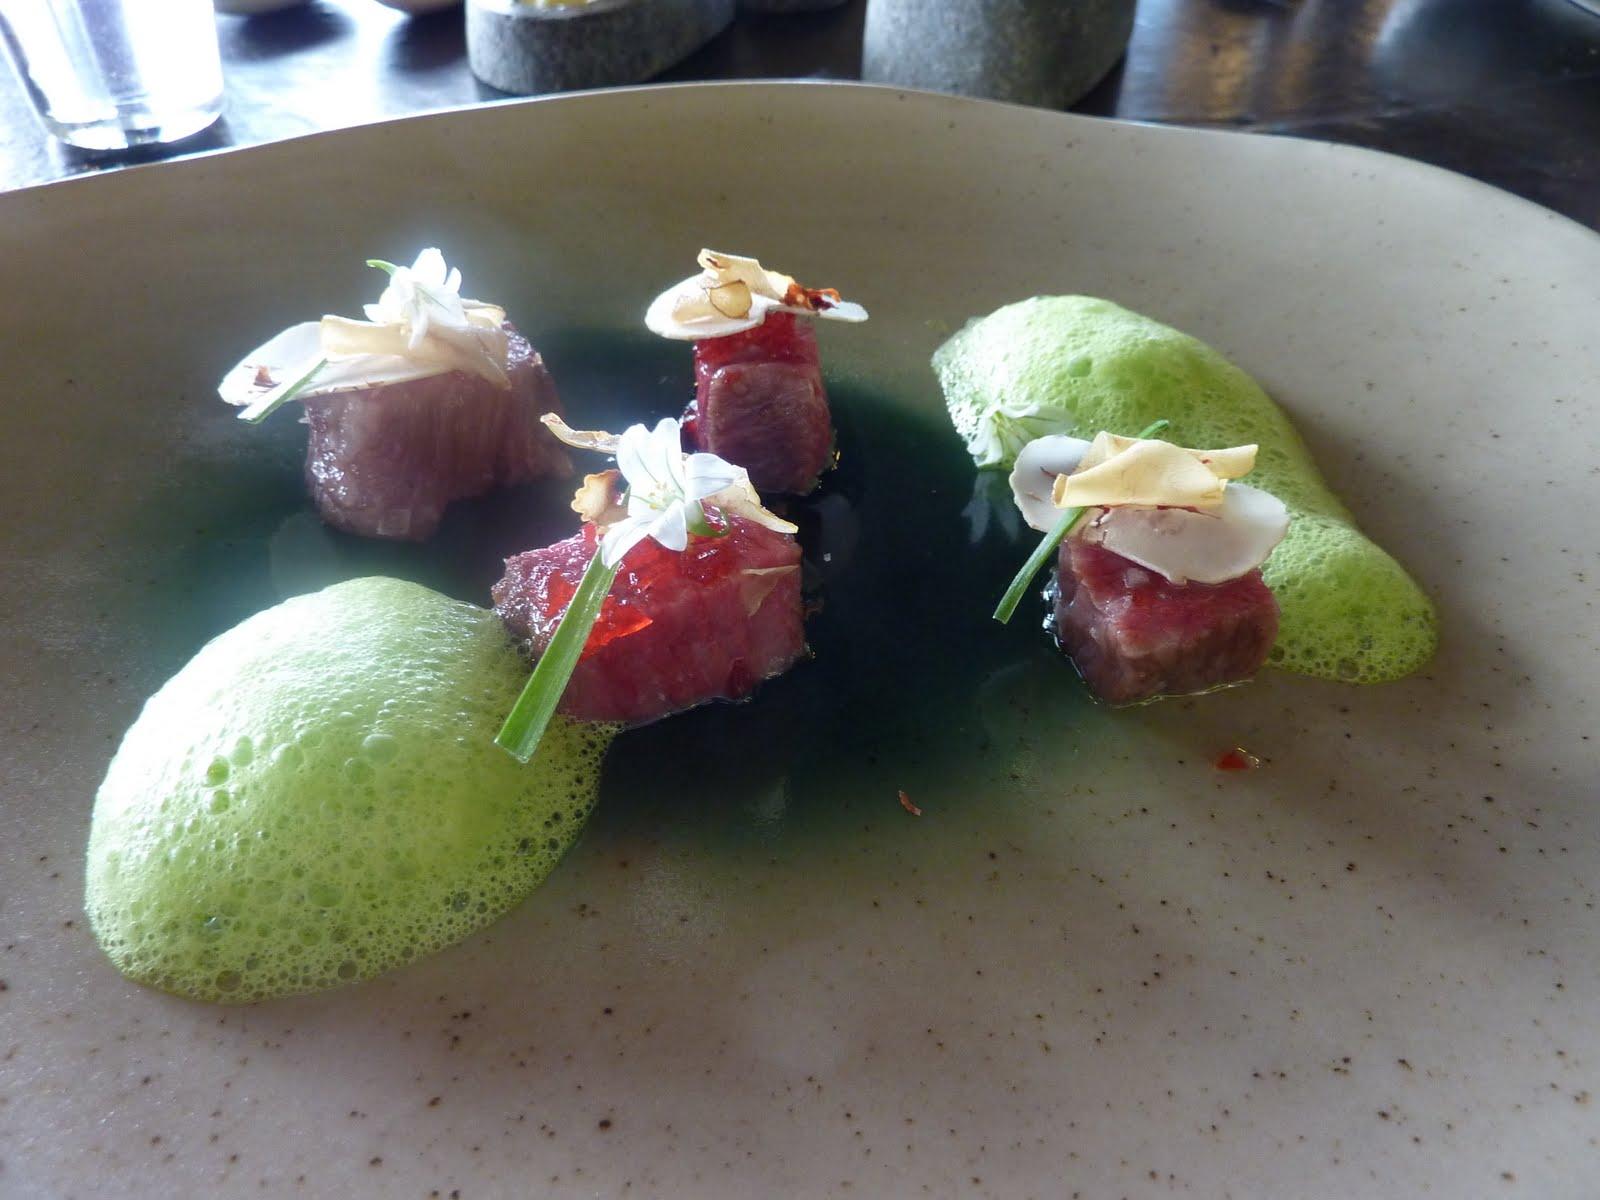 Vue de monde melbourne australia the glasgow food blog for Australian cuisine melbourne